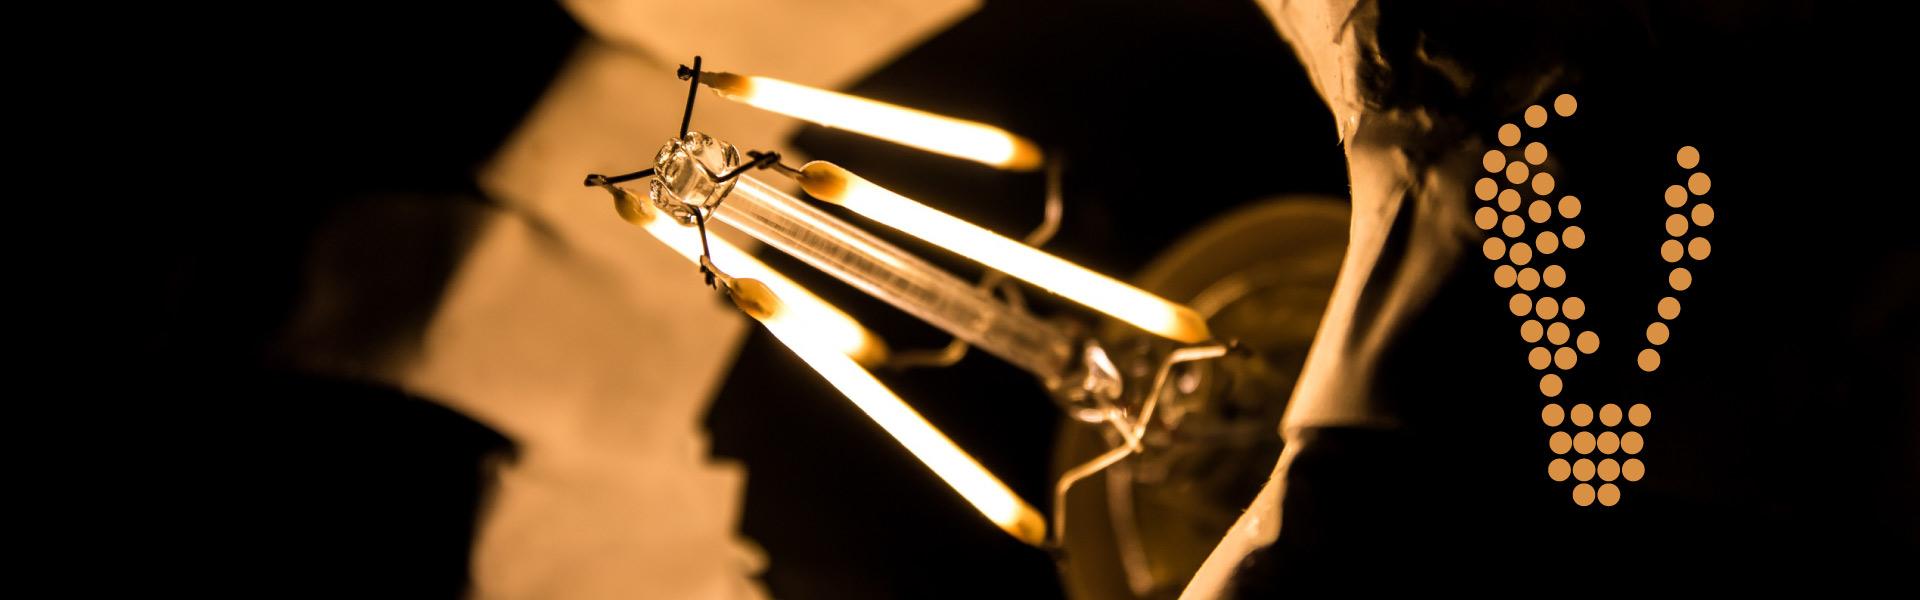 iluminacao-led-1